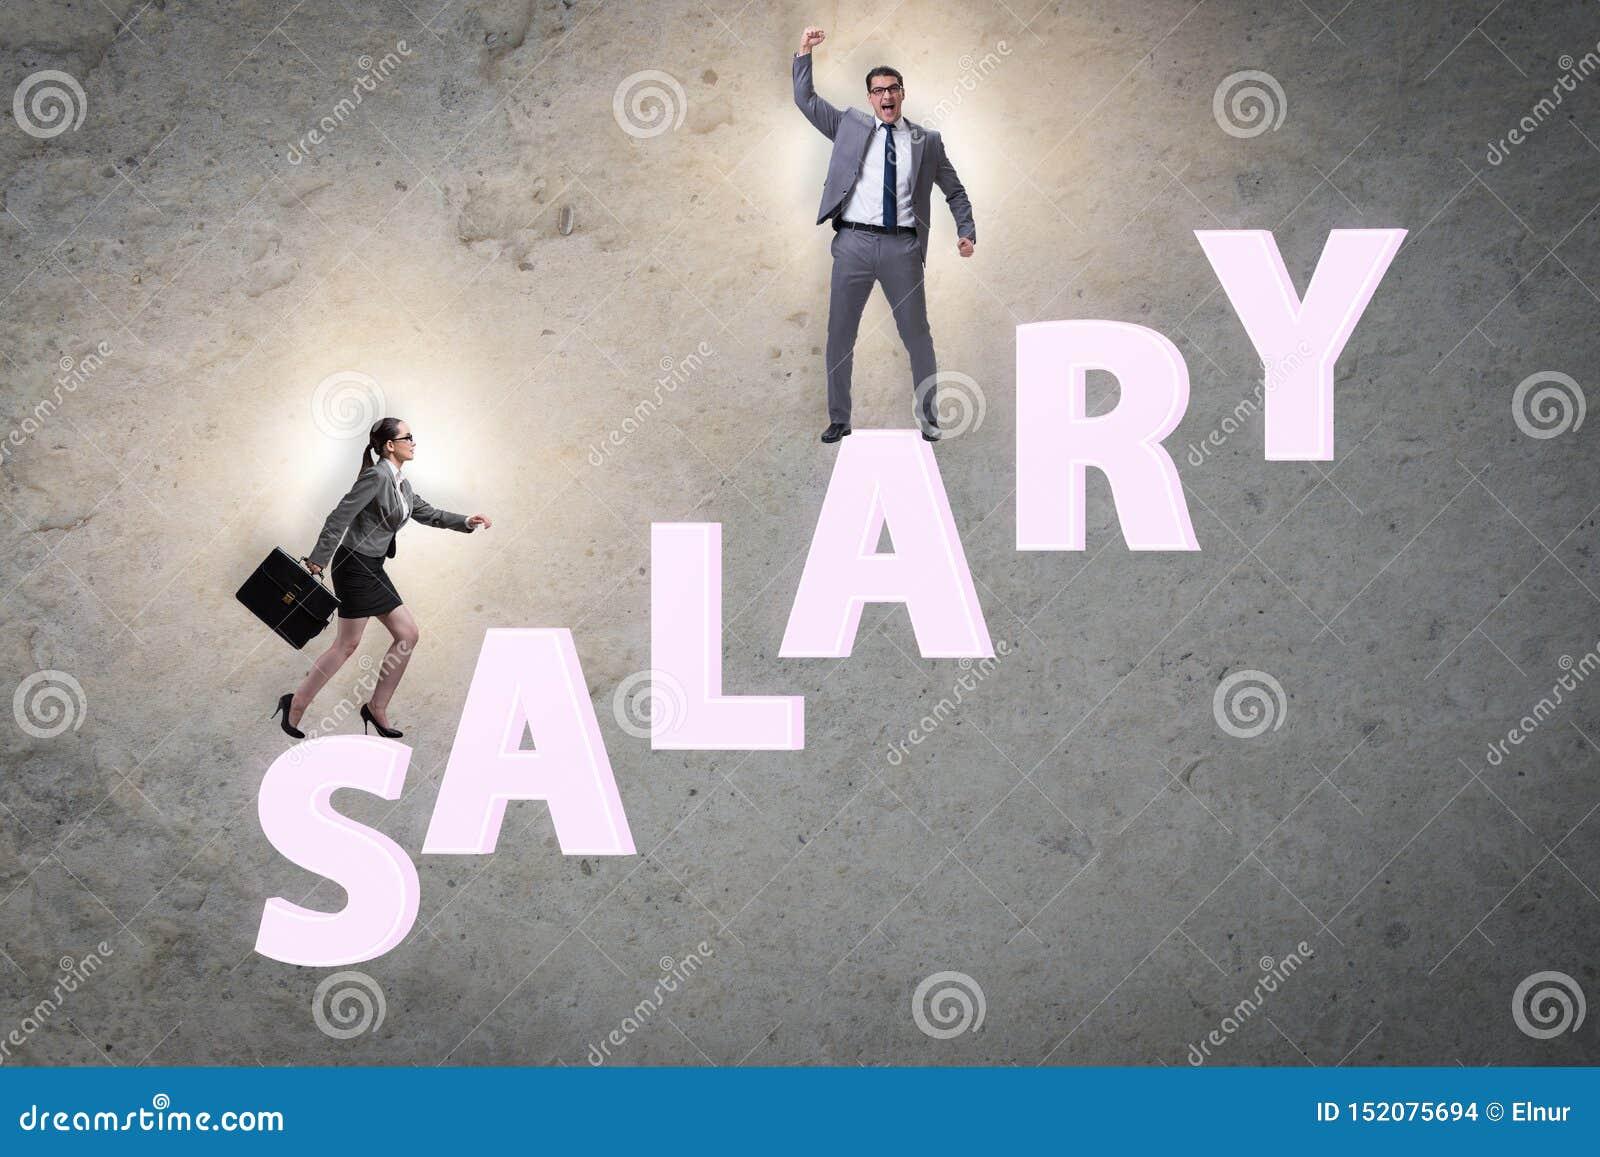 Concepto de sueldo desigual entre el hombre y la mujer